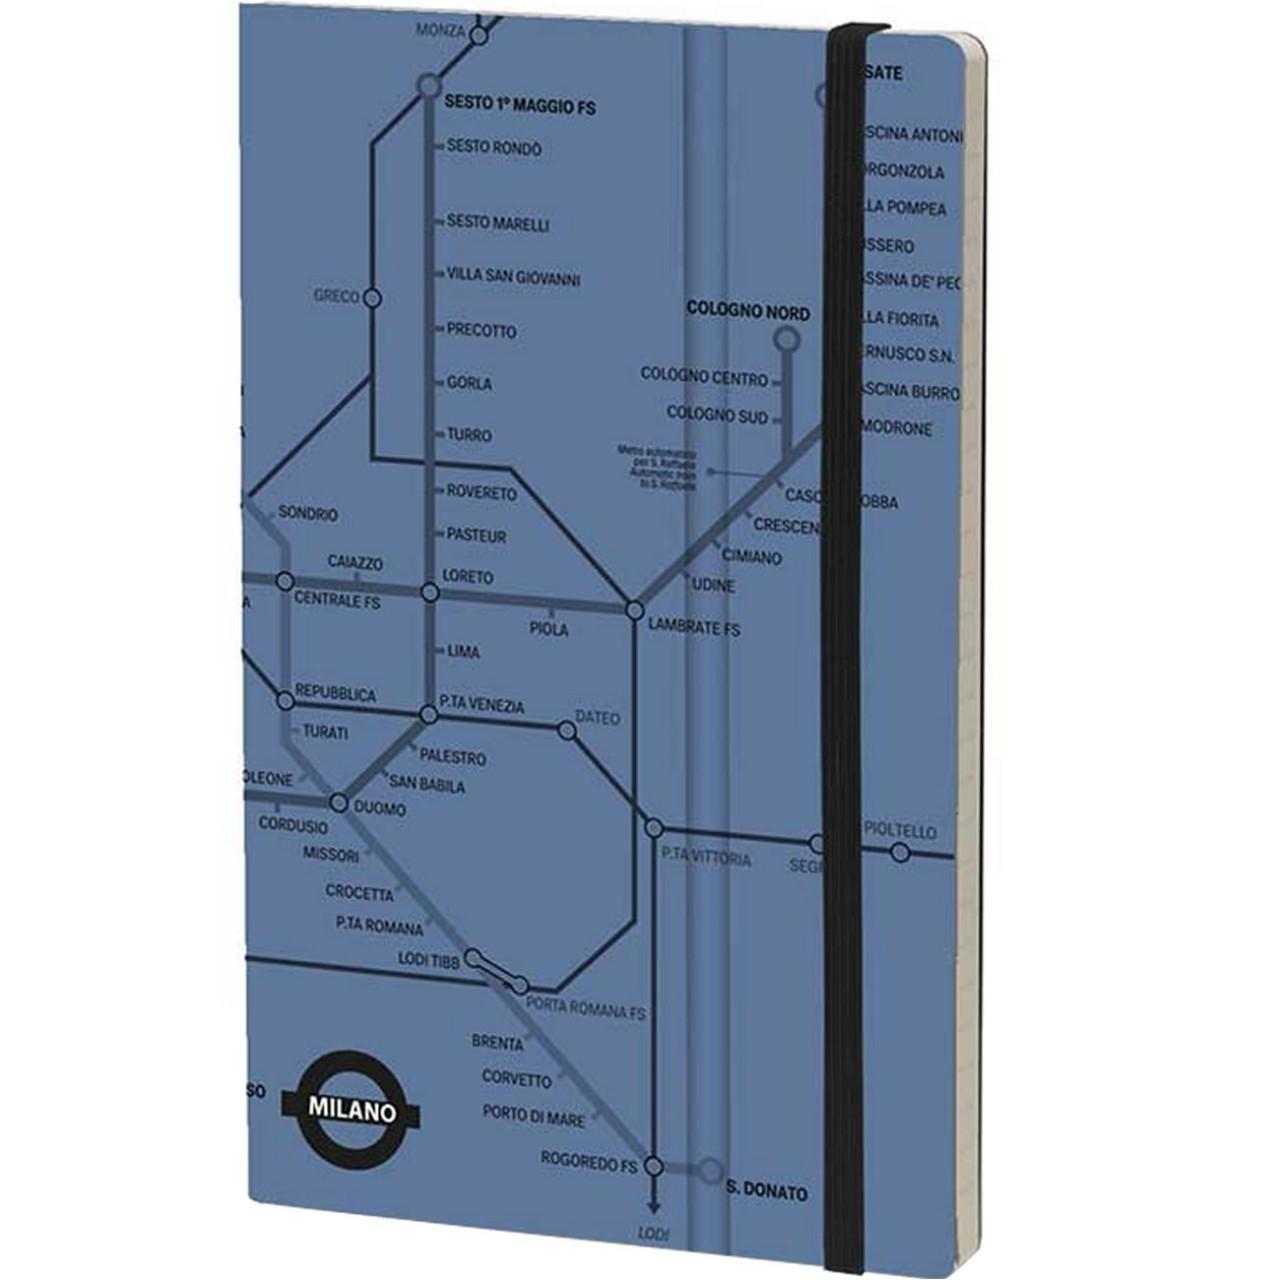 Stifflexible Notizbuch UNDERGROUND 9 x 14 cm 144 S., BLUE  (Milan)